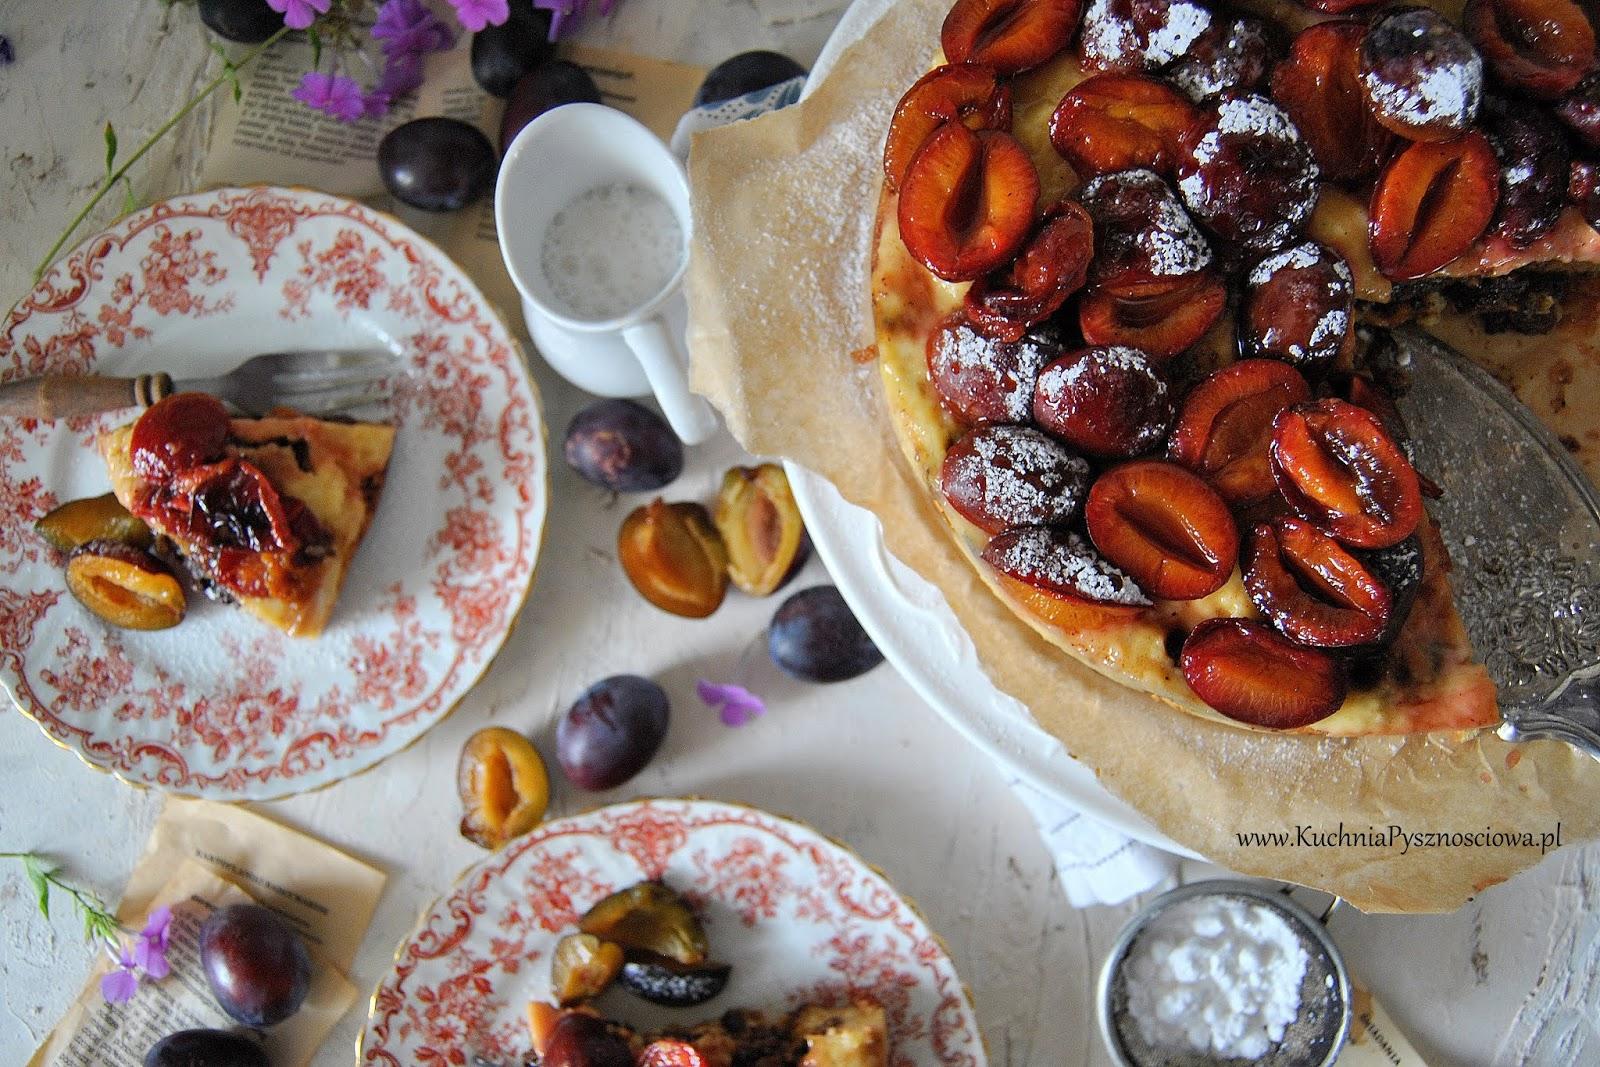 634. Ciasto z karmelizowanymi śliwkami i chrupiącą praliną